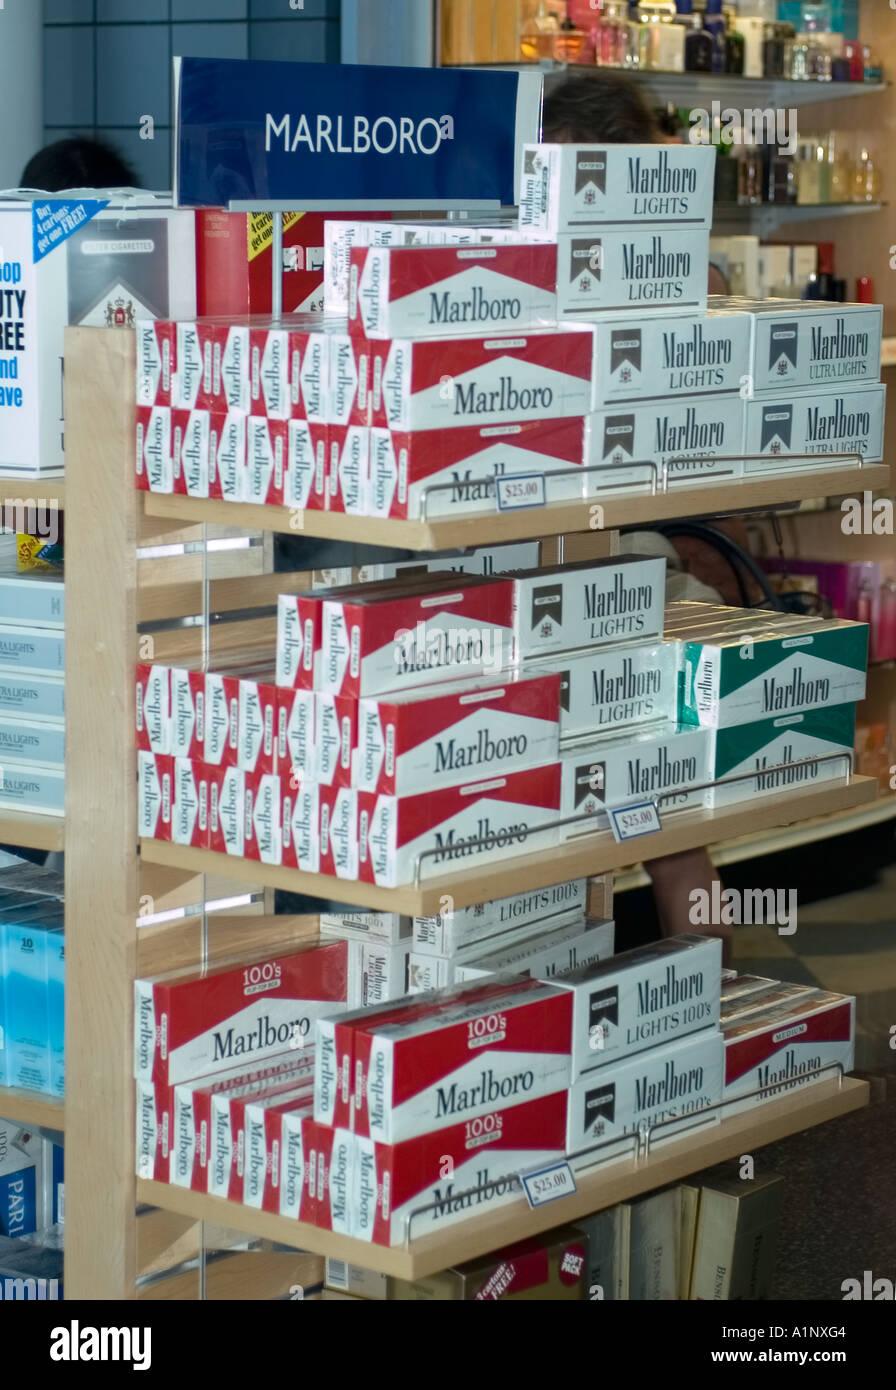 Buy Delaware classic cigarettes Davidoff